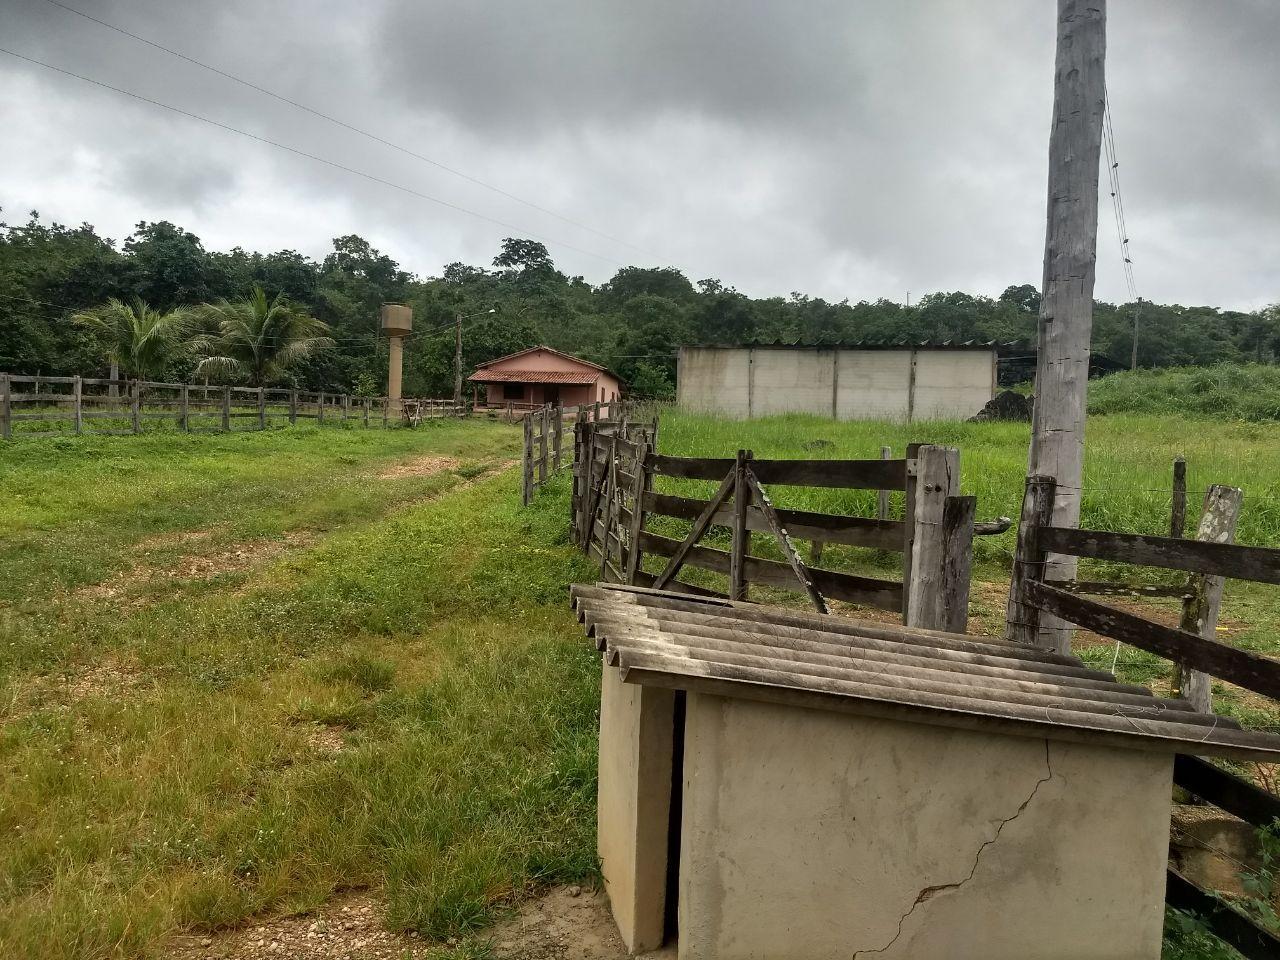 FOTO23 - Fazenda à venda Rua Logradouro Sem Nome,Zona Rural, Vila Propício - R$ 10.000.000 - FA0001 - 25